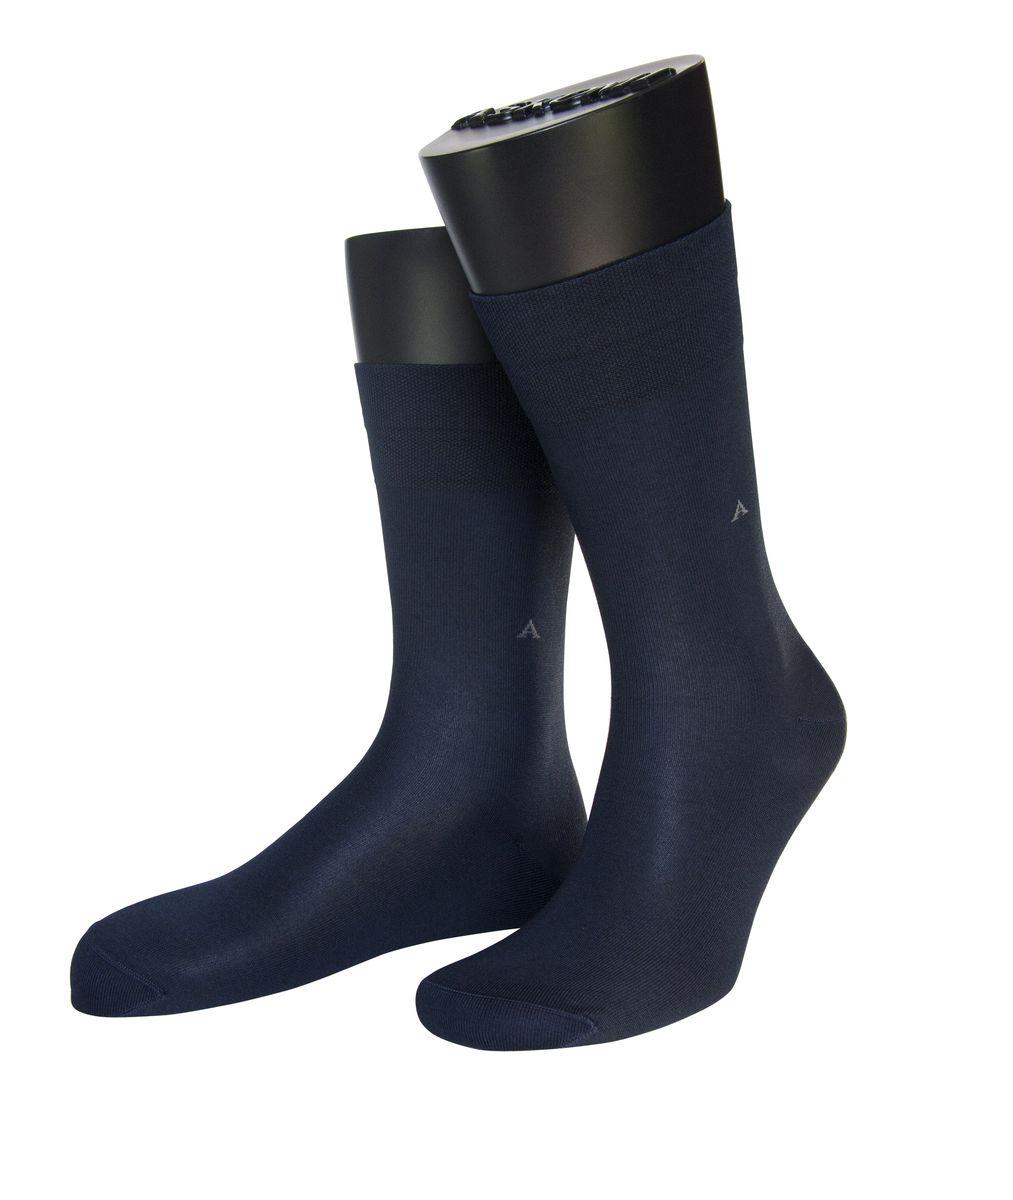 Носки мужские Askomi Econom, цвет: темно-синий. АМ-3400. Размер 27 (41-42)АМ-3400_2404Мужские носки Askomi Econom выполнены из хлопка с добавлением полиамида. Буква А на паголенке. Крупный ромб. Дополнены двойным бортом для плотной фиксации, не пережимающим сосуды. Укрепление мыска и пятки для идеальной прочности. Кеттельный шов не ощутим для ноги.